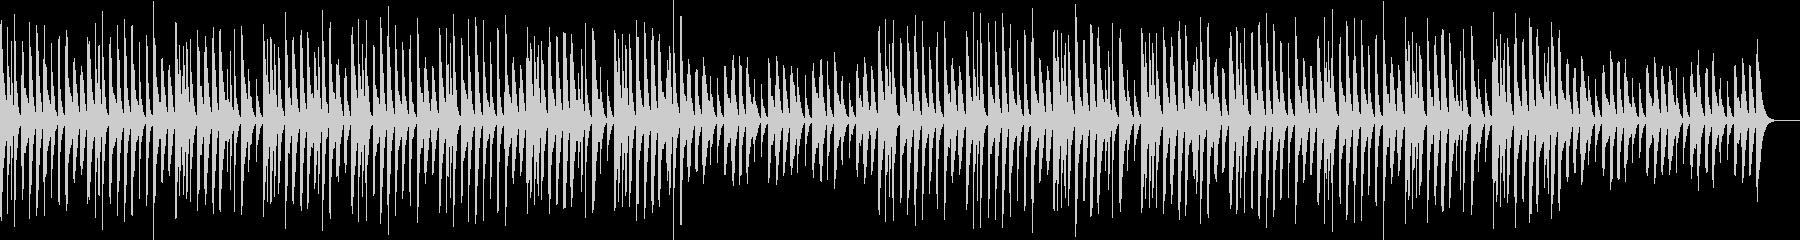 マリンバ・ほのぼの・日常の未再生の波形